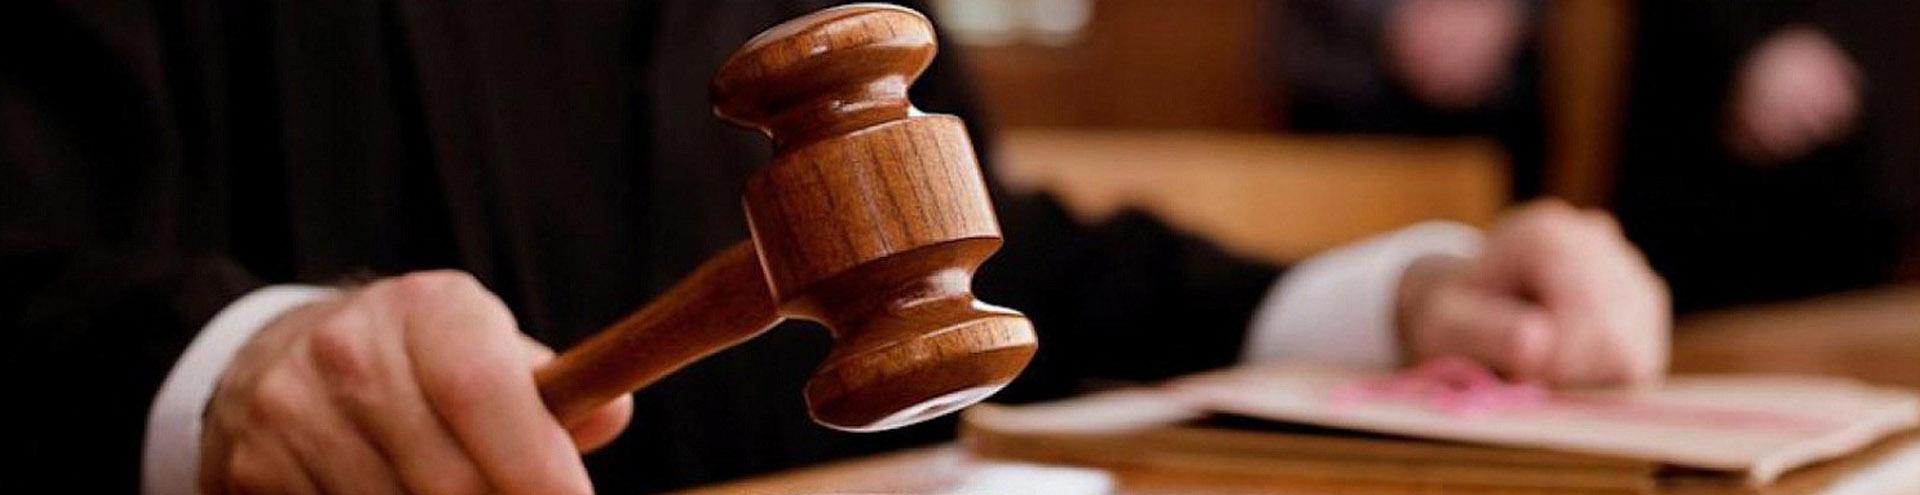 арбитражные споры в Рязани